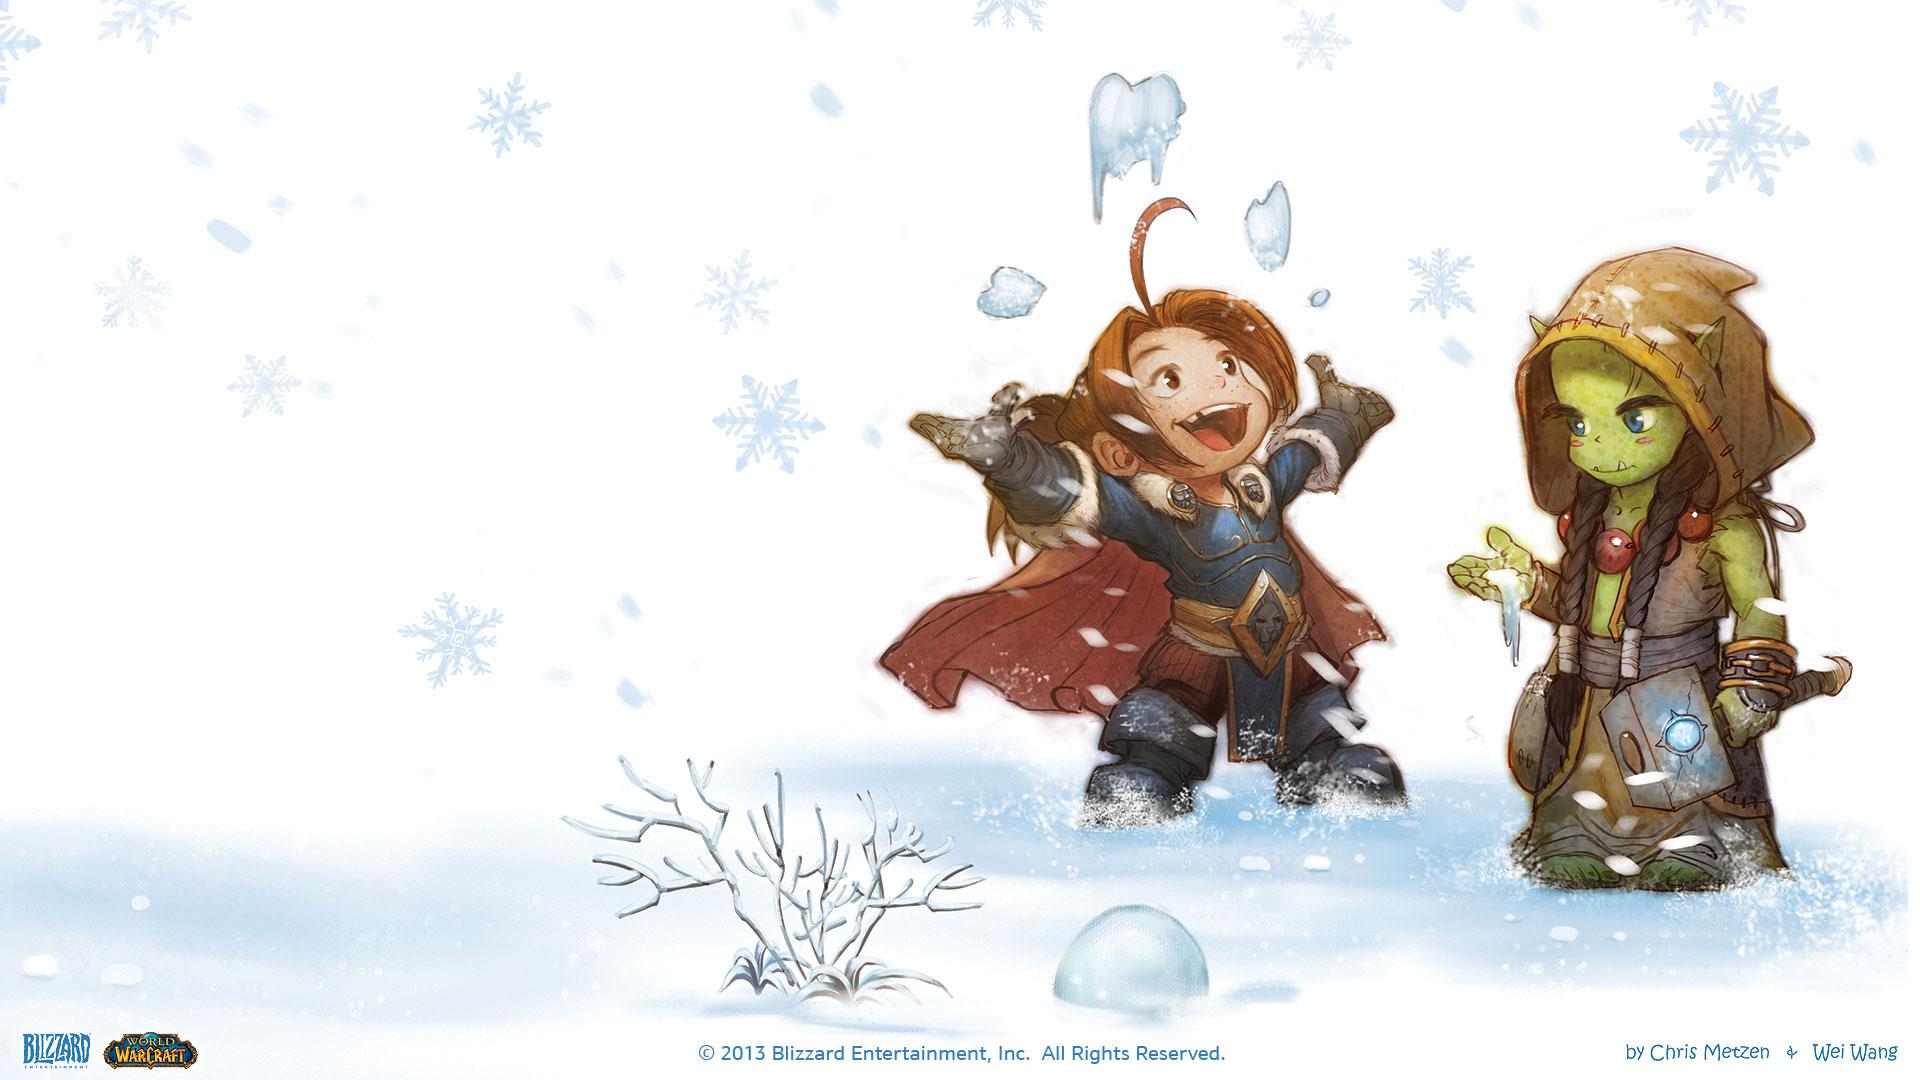 魔兽世界q版卡通高清大壁纸